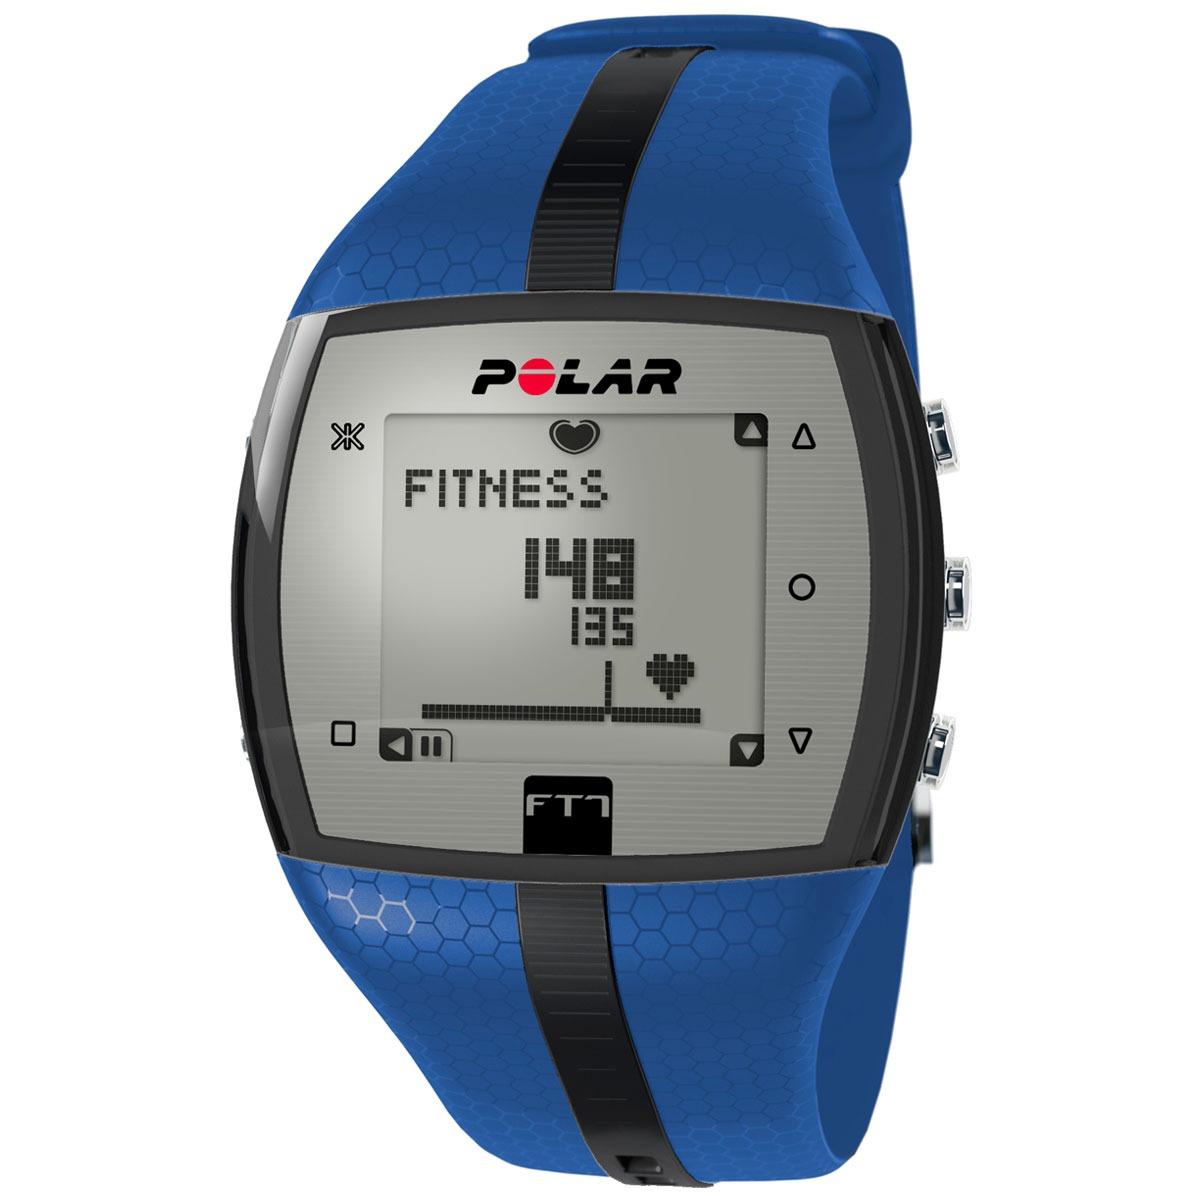 f670863ff6a Frequencímetro Relógio Monitor Cardíaco Polar Ft7 Azul Preto - R ...